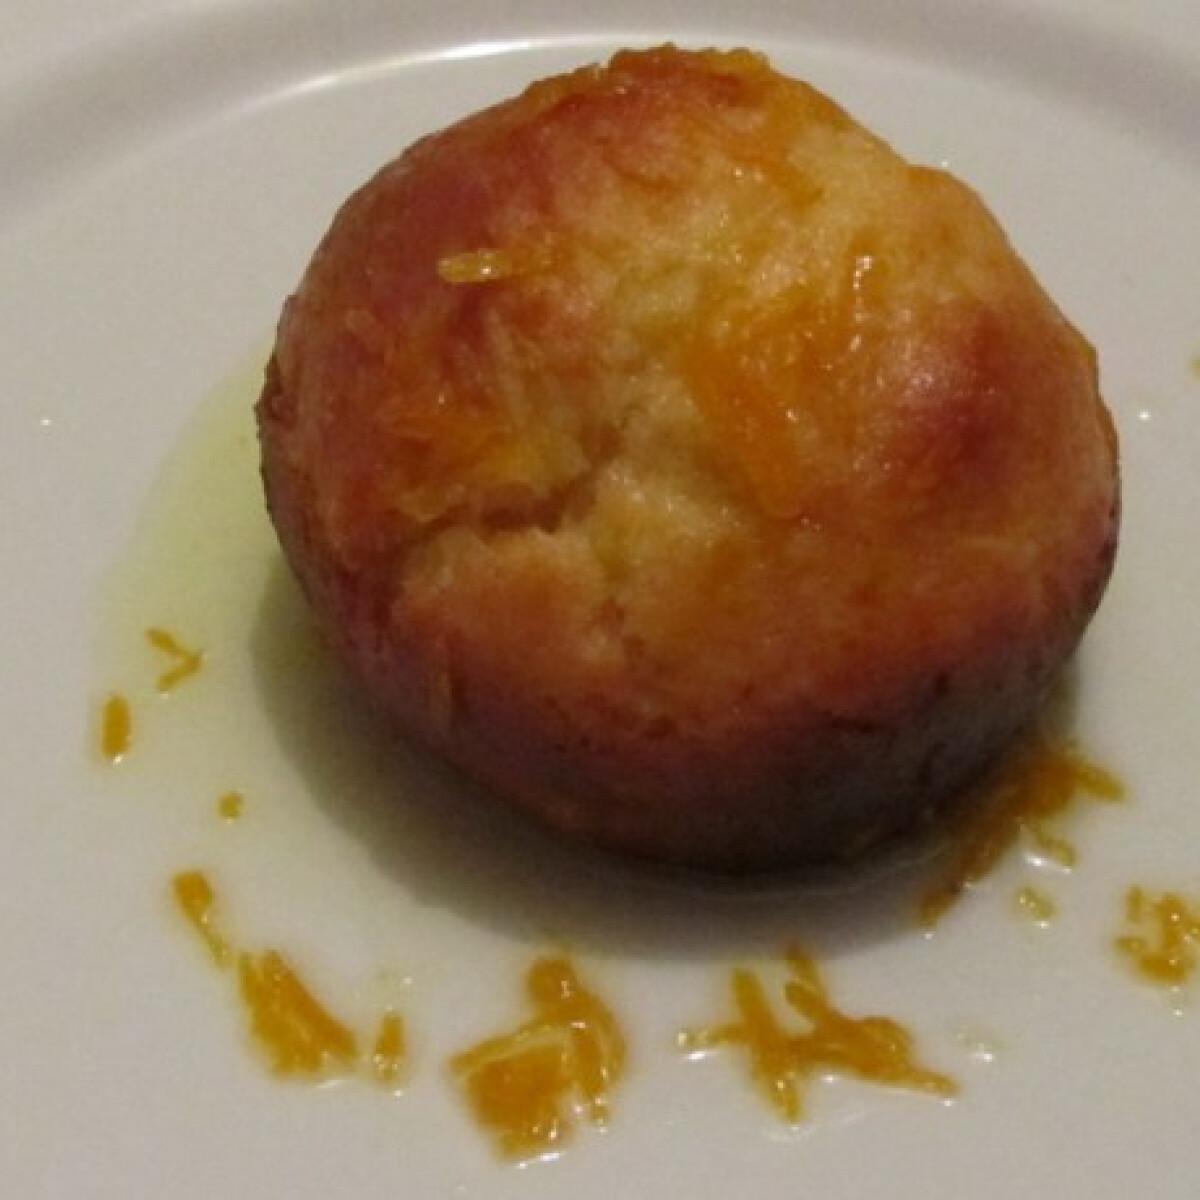 Ezen a képen: Narancsos fánkok sütőben